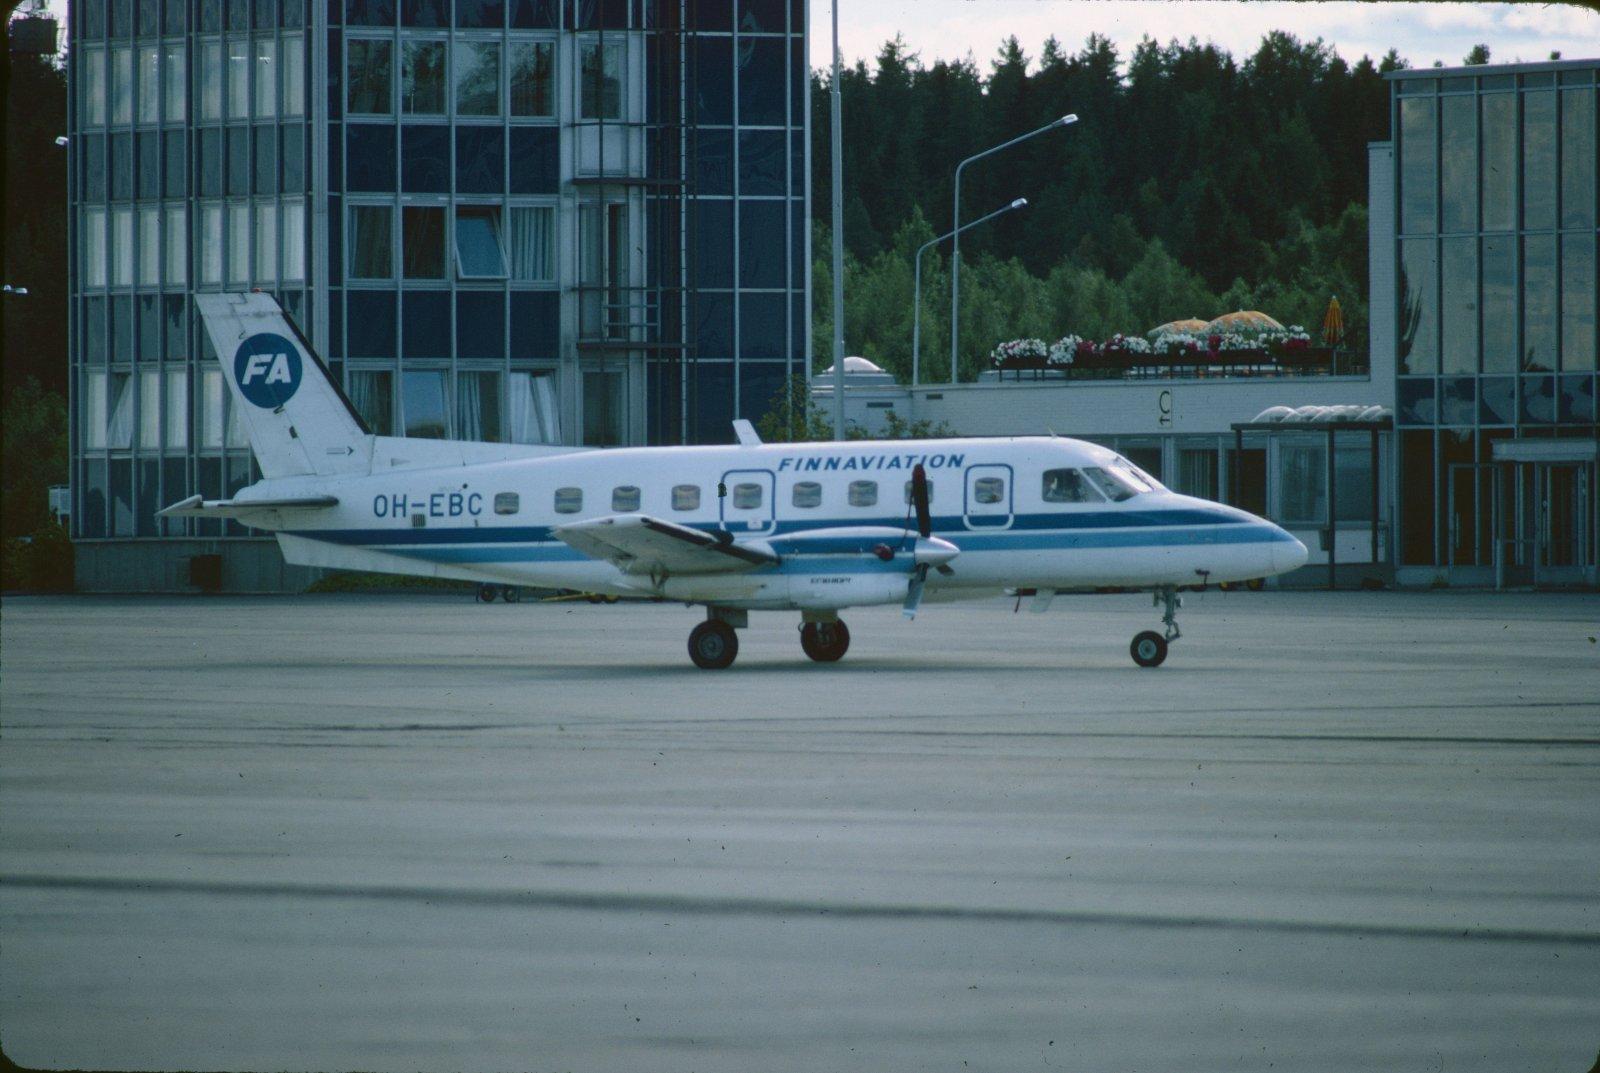 Embraer EMB-110 P.1 Bandeirante OH-EBC EFKU 1983